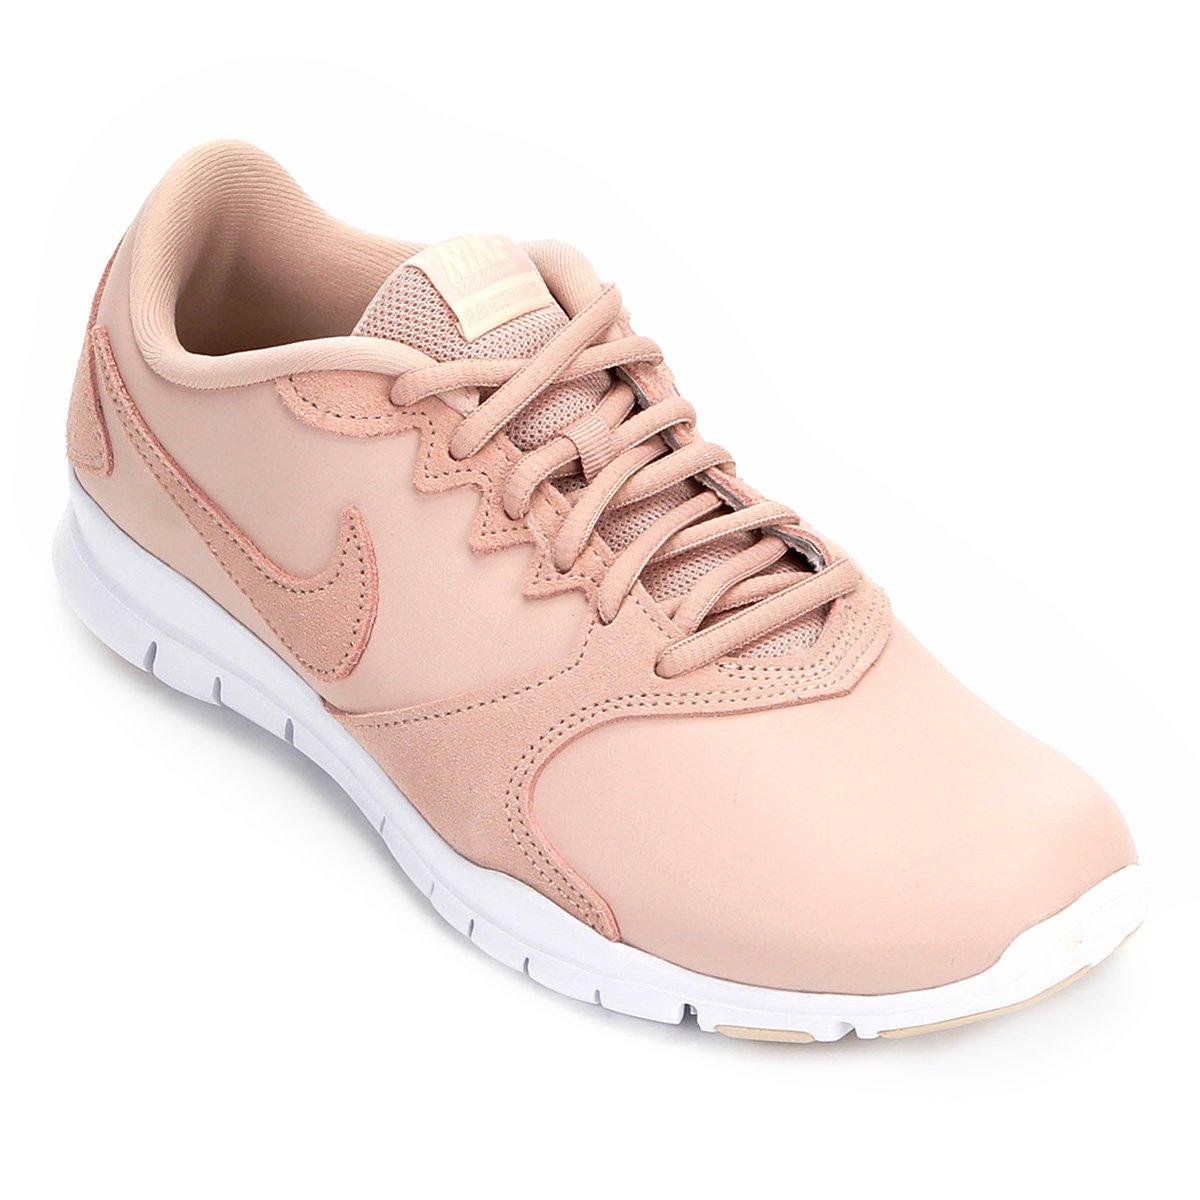 6dd37ae5c7bb7 Tênis Nike Flex Essential Tr Lt Feminino - Bege - Compre Agora ...